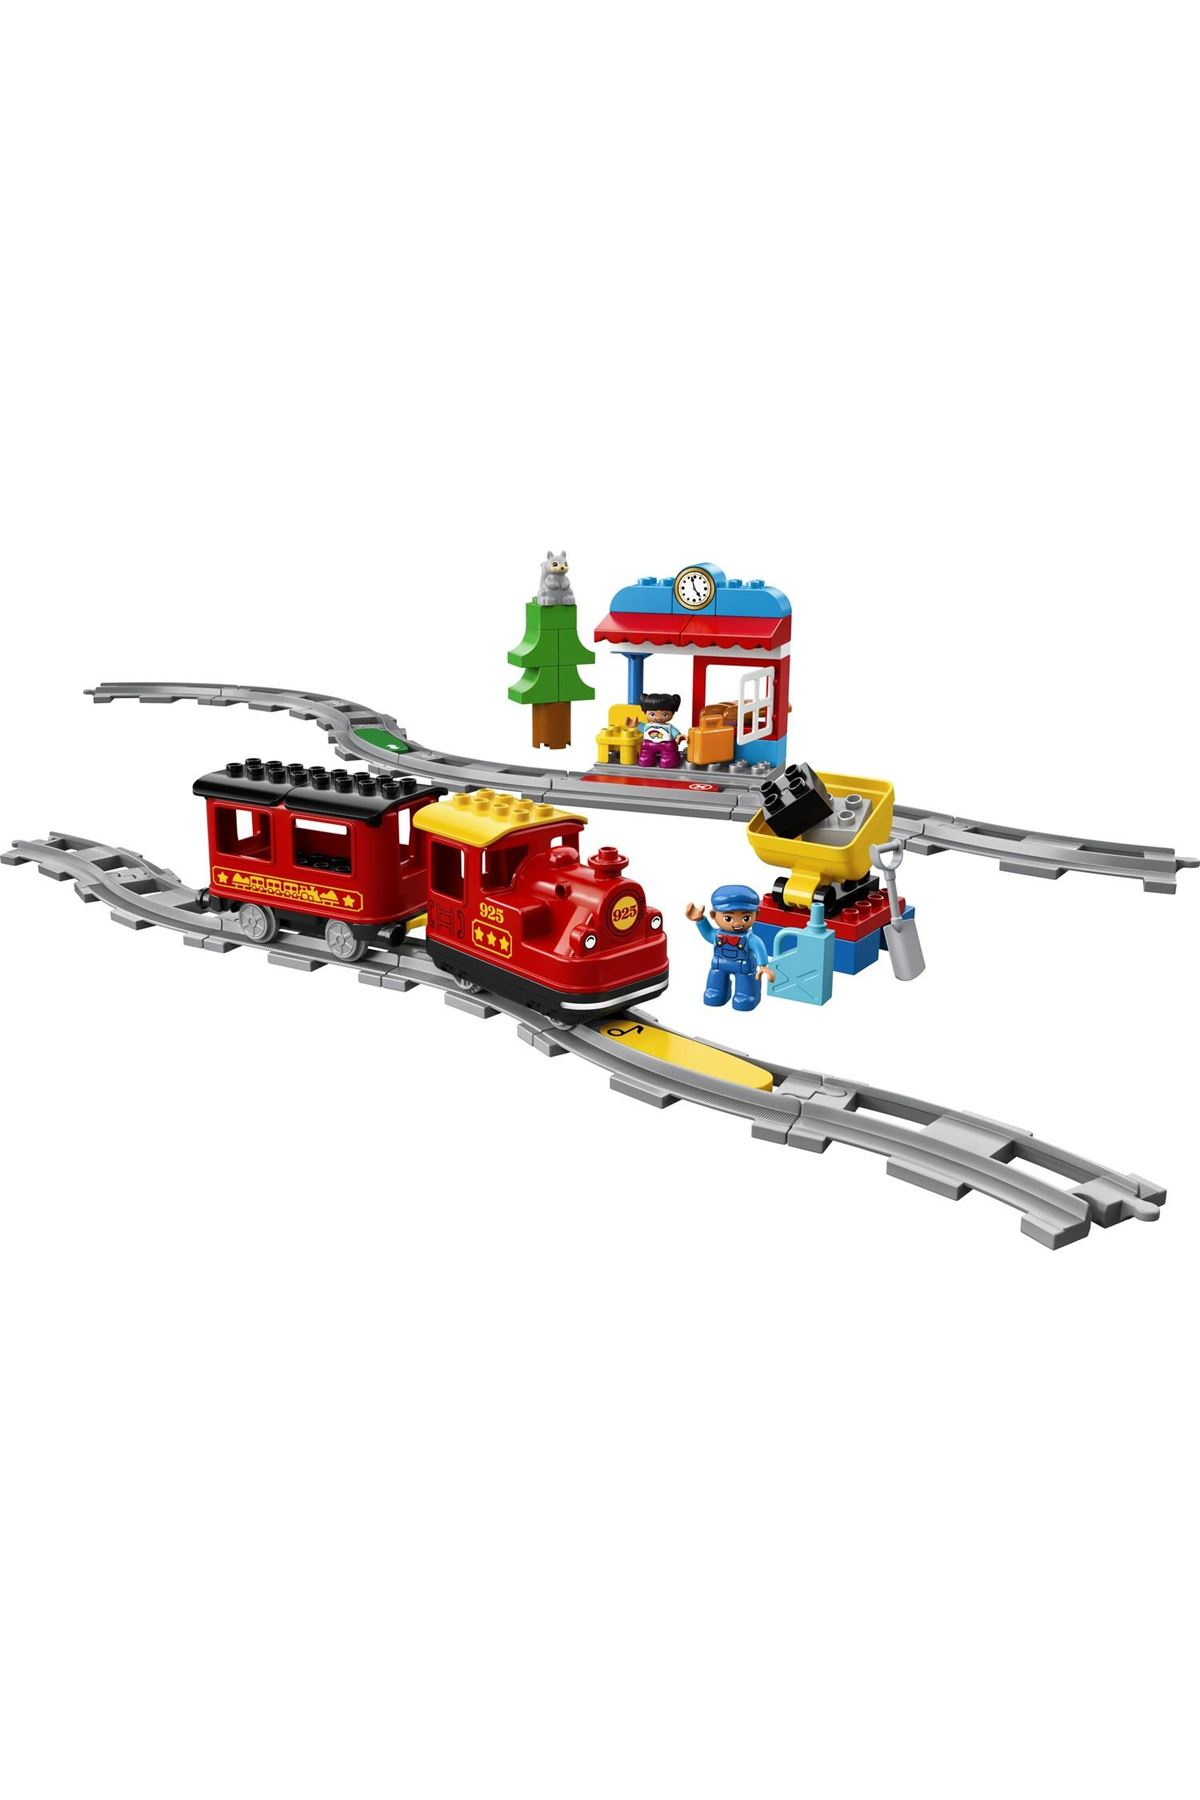 Lego Duplo Buharlı Tren Okul Öncesi Öğretici Oyuncak Yapım Seti 10874